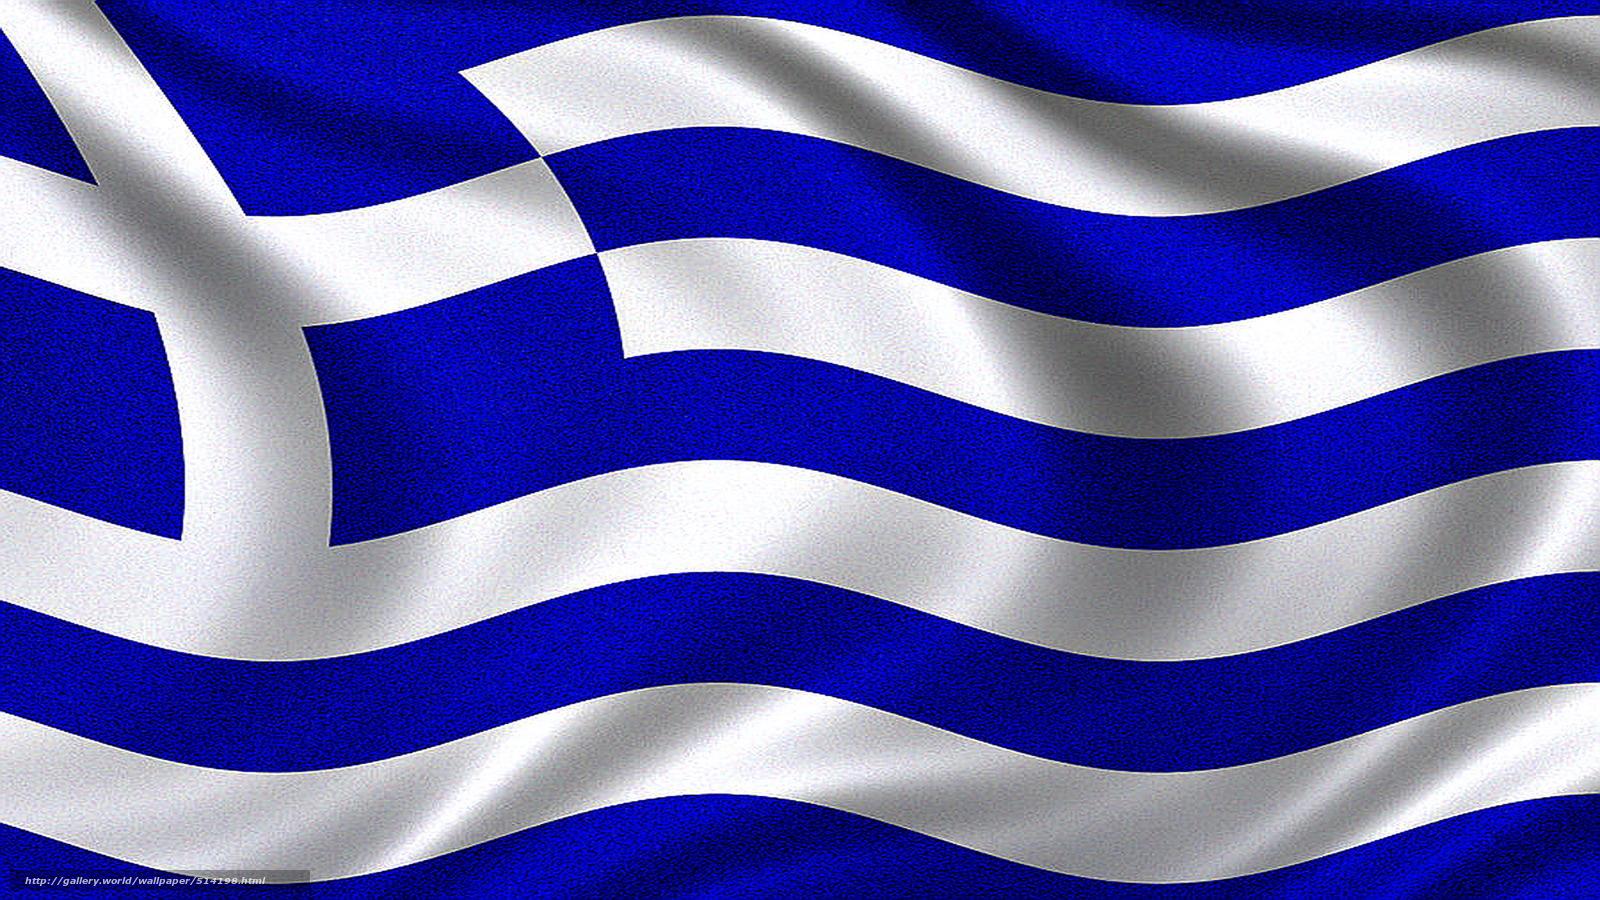 Descargar gratis Bandera de Grecia,  Bandera griega,  Repblica Helnica bandera - bandera de grecia Fondos de escritorio en la resolucin 1920x1080 — imagen №514198